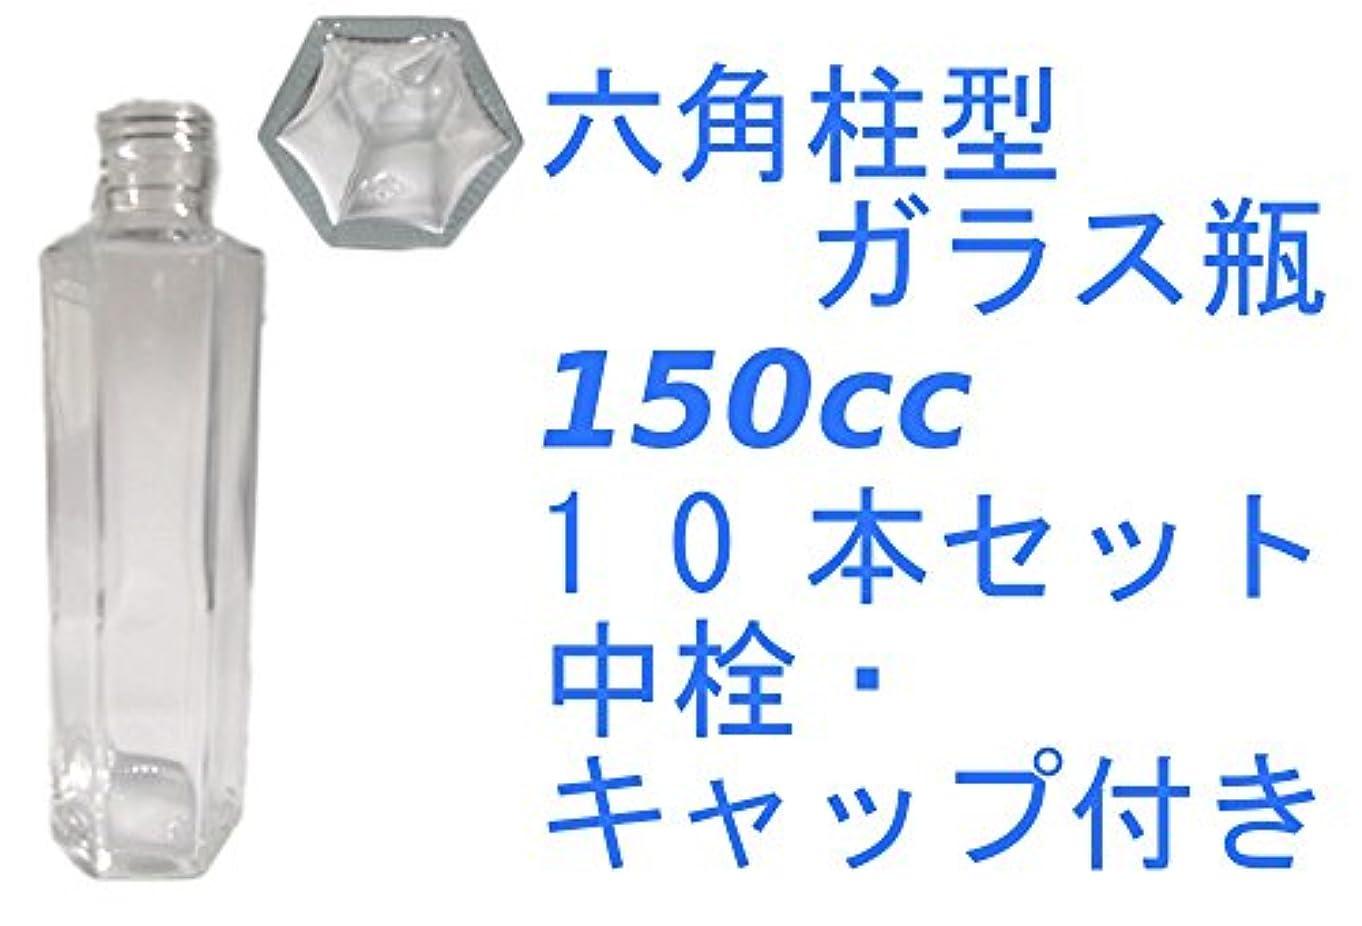 保育園コード農学(ジャストユーズ) JustU's 日本製 ポリ栓 中栓付き六角柱型ガラス瓶 10本セット 150cc 150ml アロマディフューザー ハーバリウム 調味料 オイル タレ ドレッシング瓶 B10-SSF150A-A